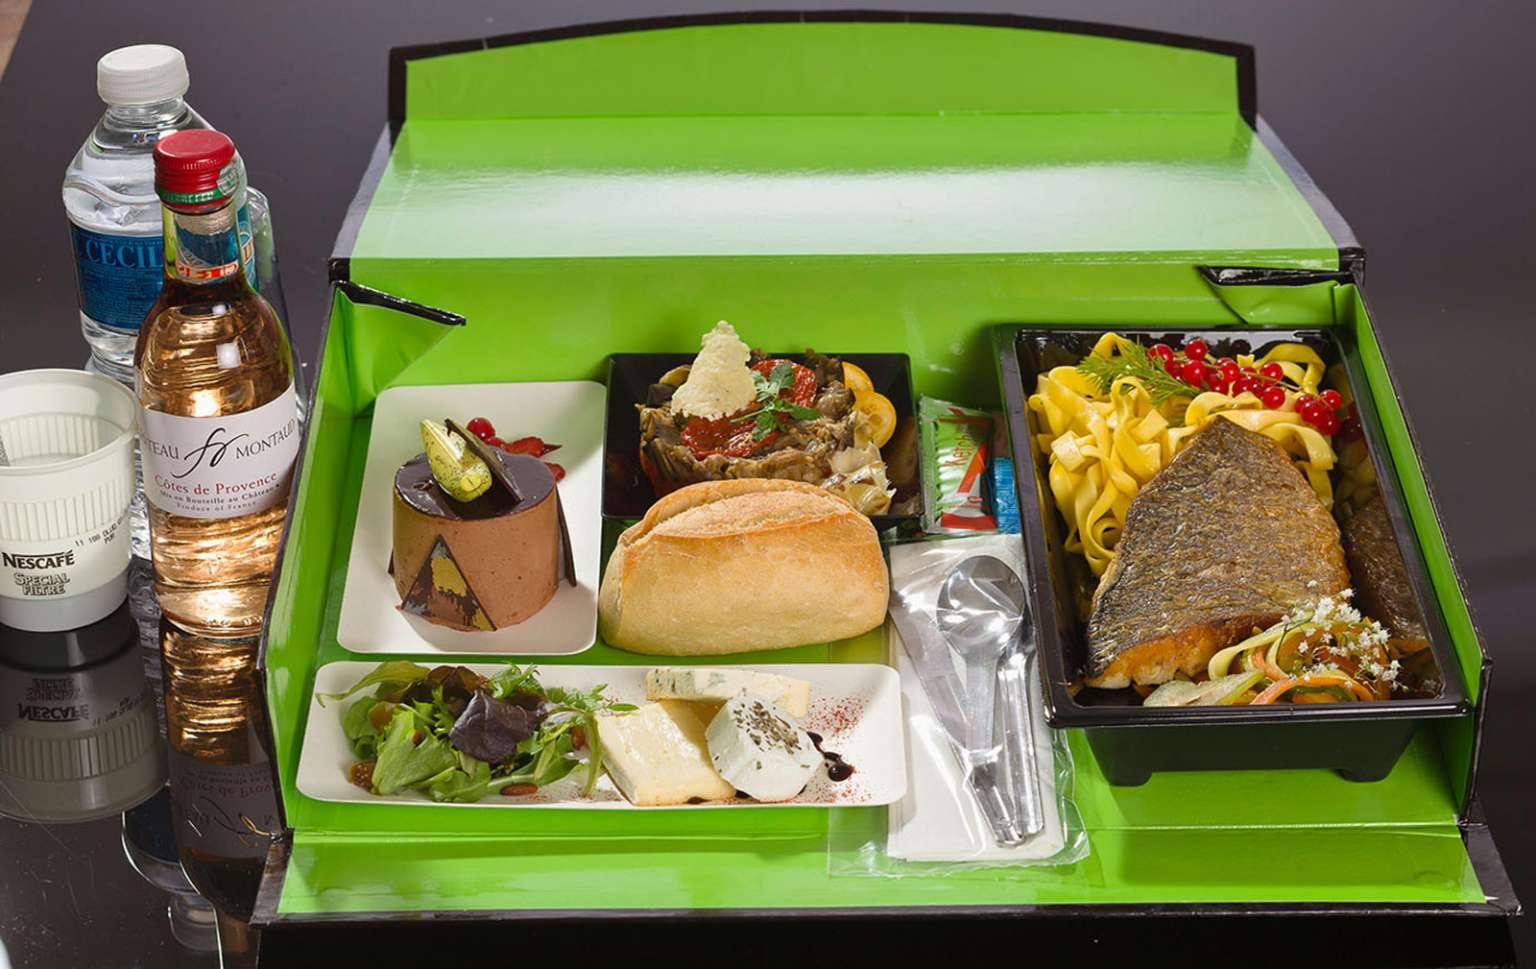 plus simple a mettre en place qu une cantine d entreprise le recours a la livraison de plateaux repas est aujourd hui largement plebiscite